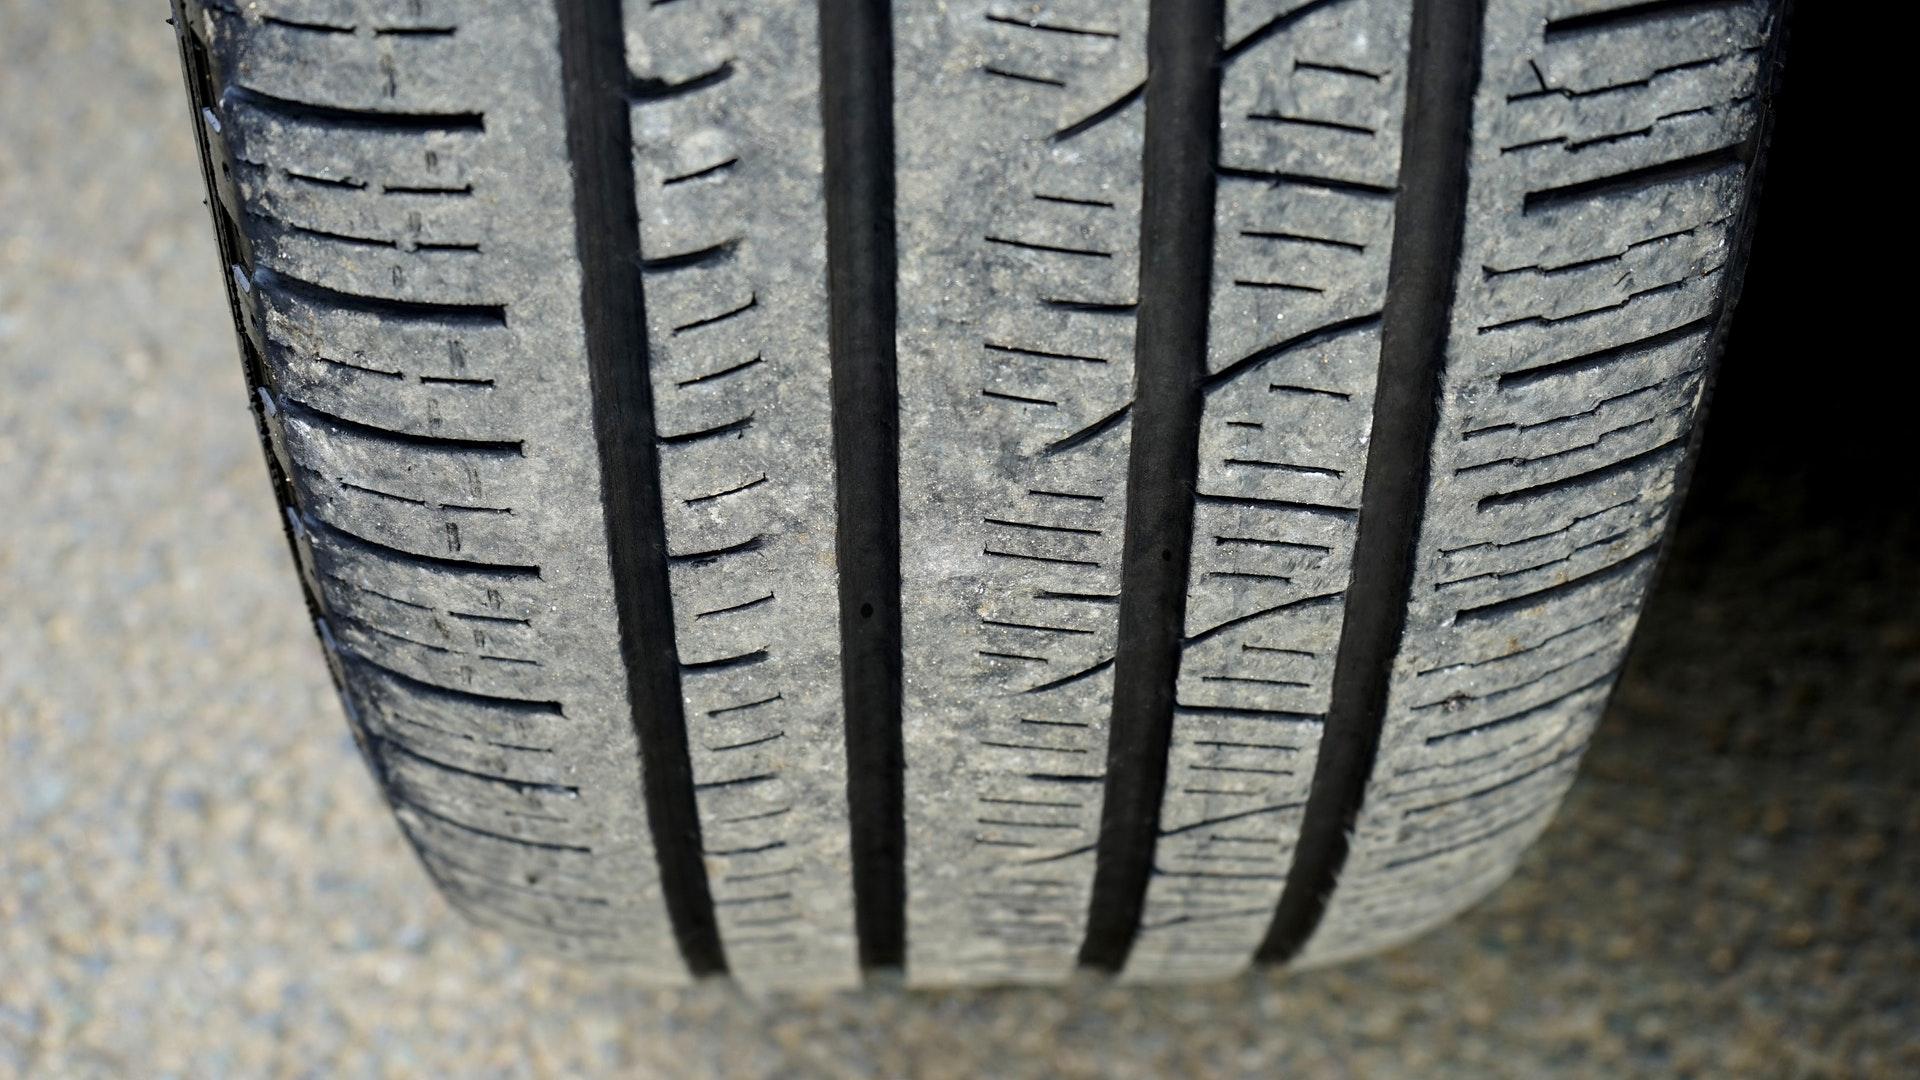 Tyre Energy Image.jpg (377 KB)